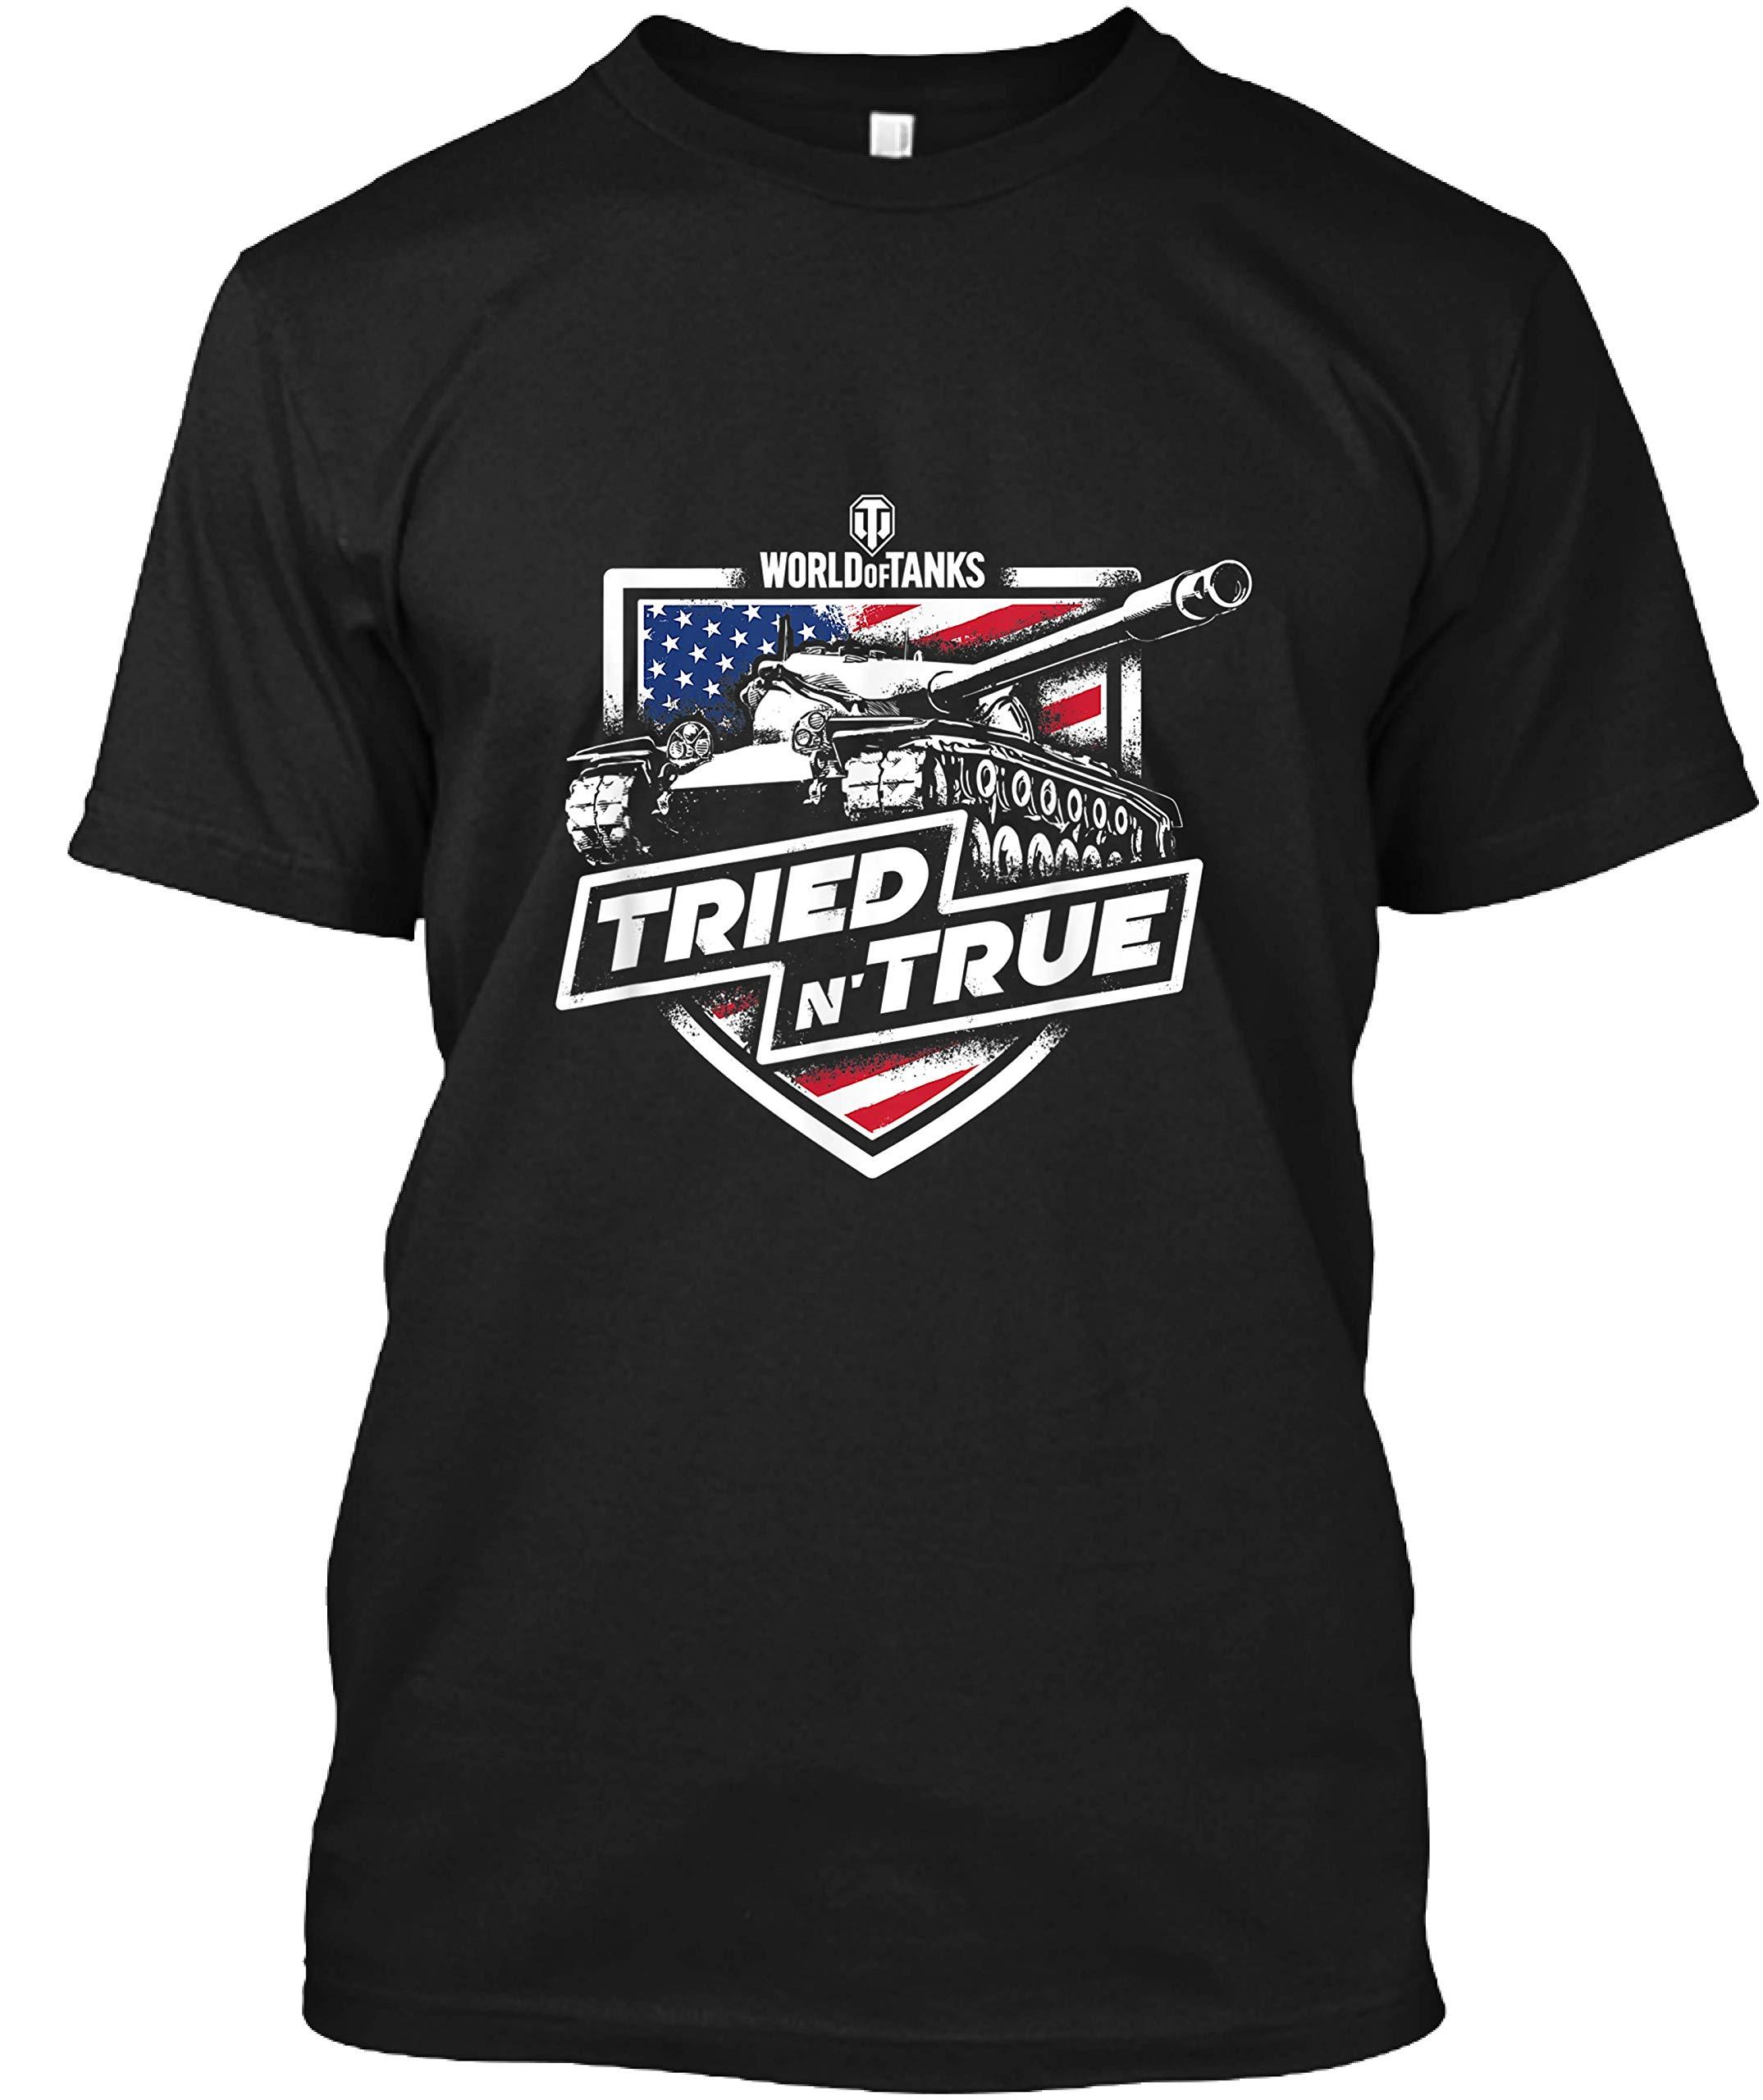 Tried N True World Of Tank Tshirt